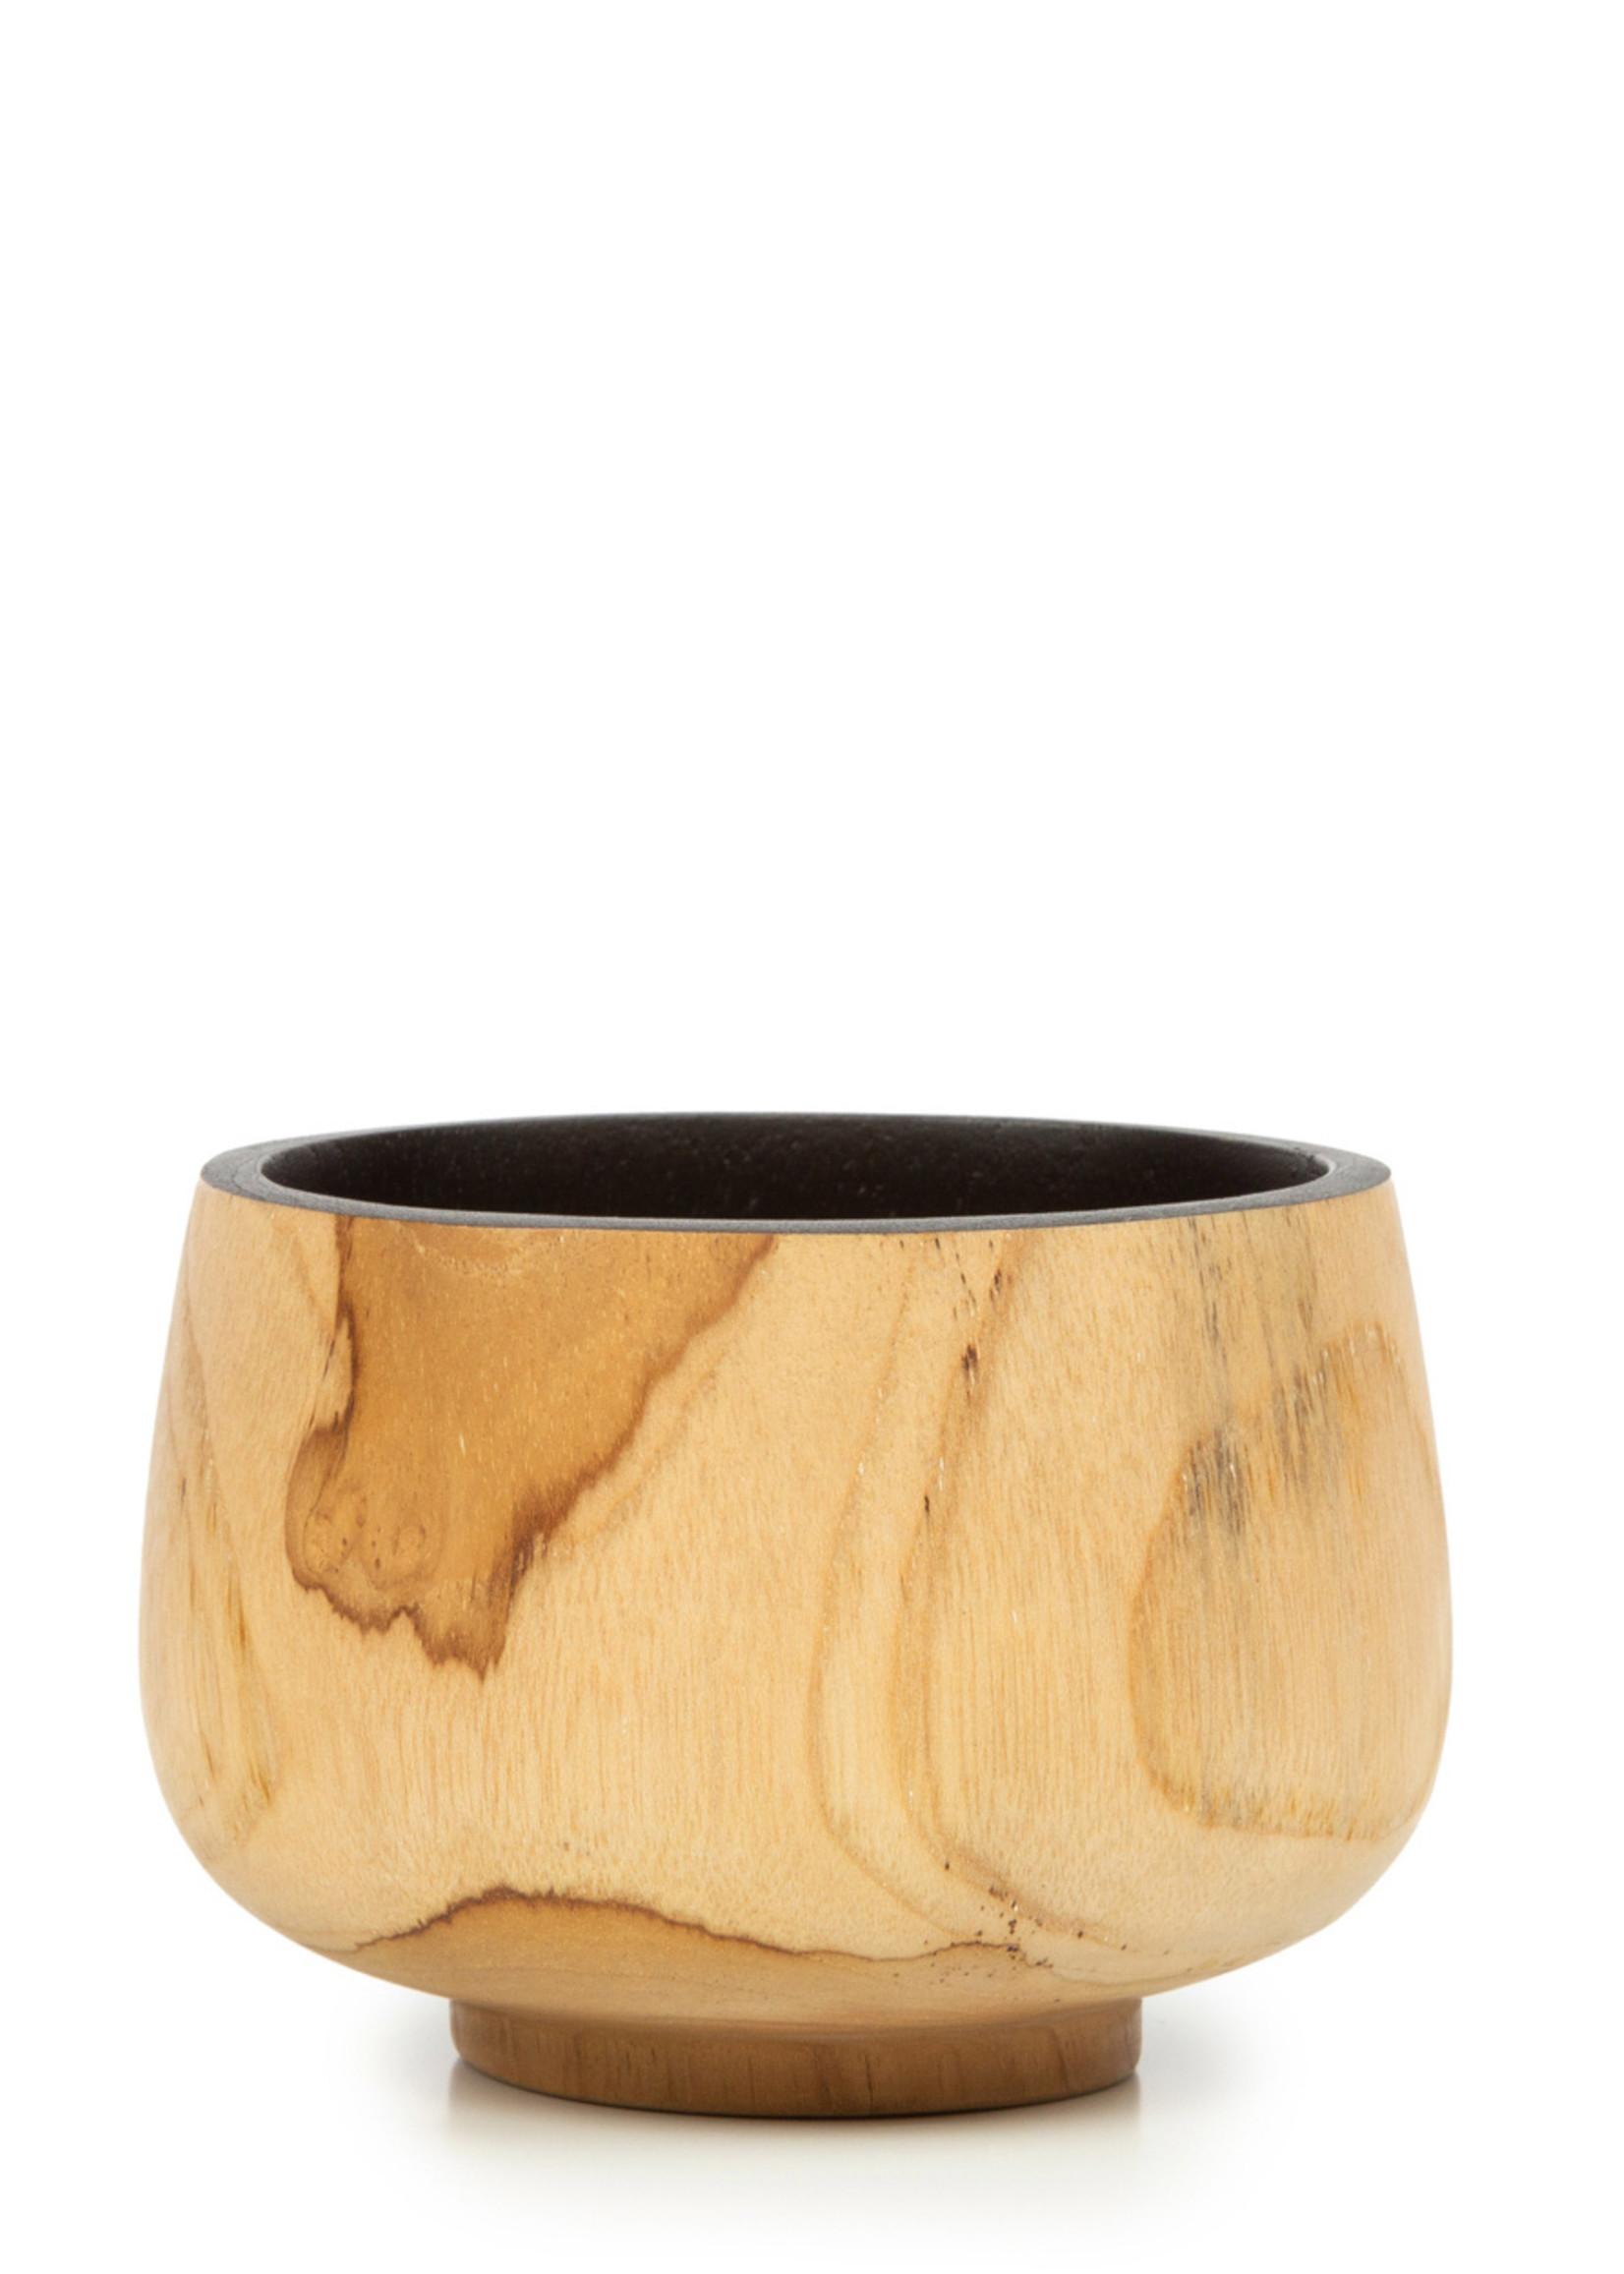 The Bondi Bowl